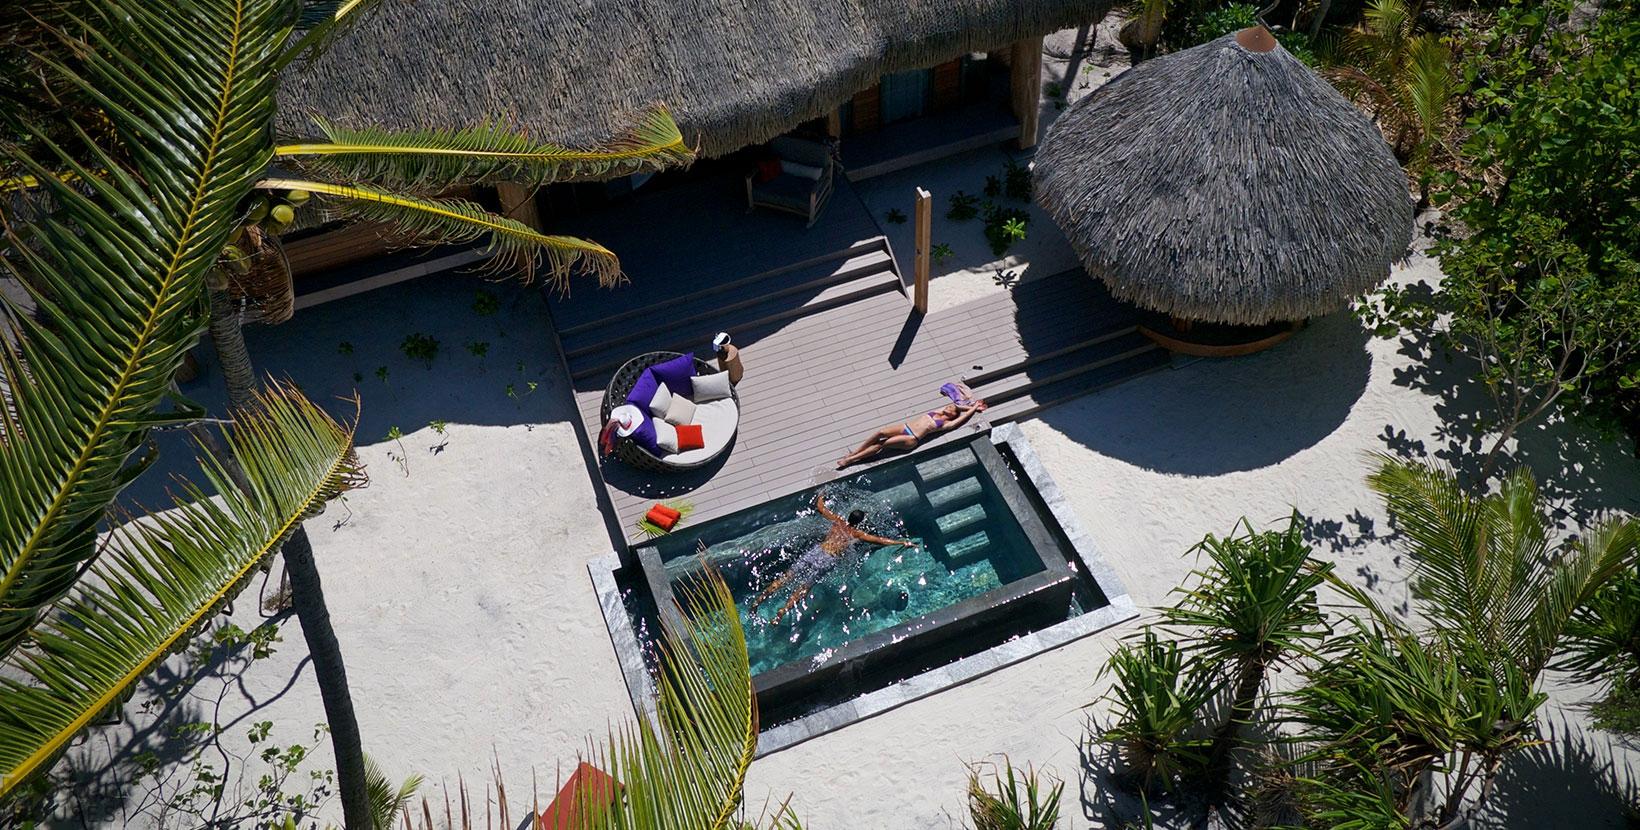 35 вилл на острове - великолепный курорт The Brando